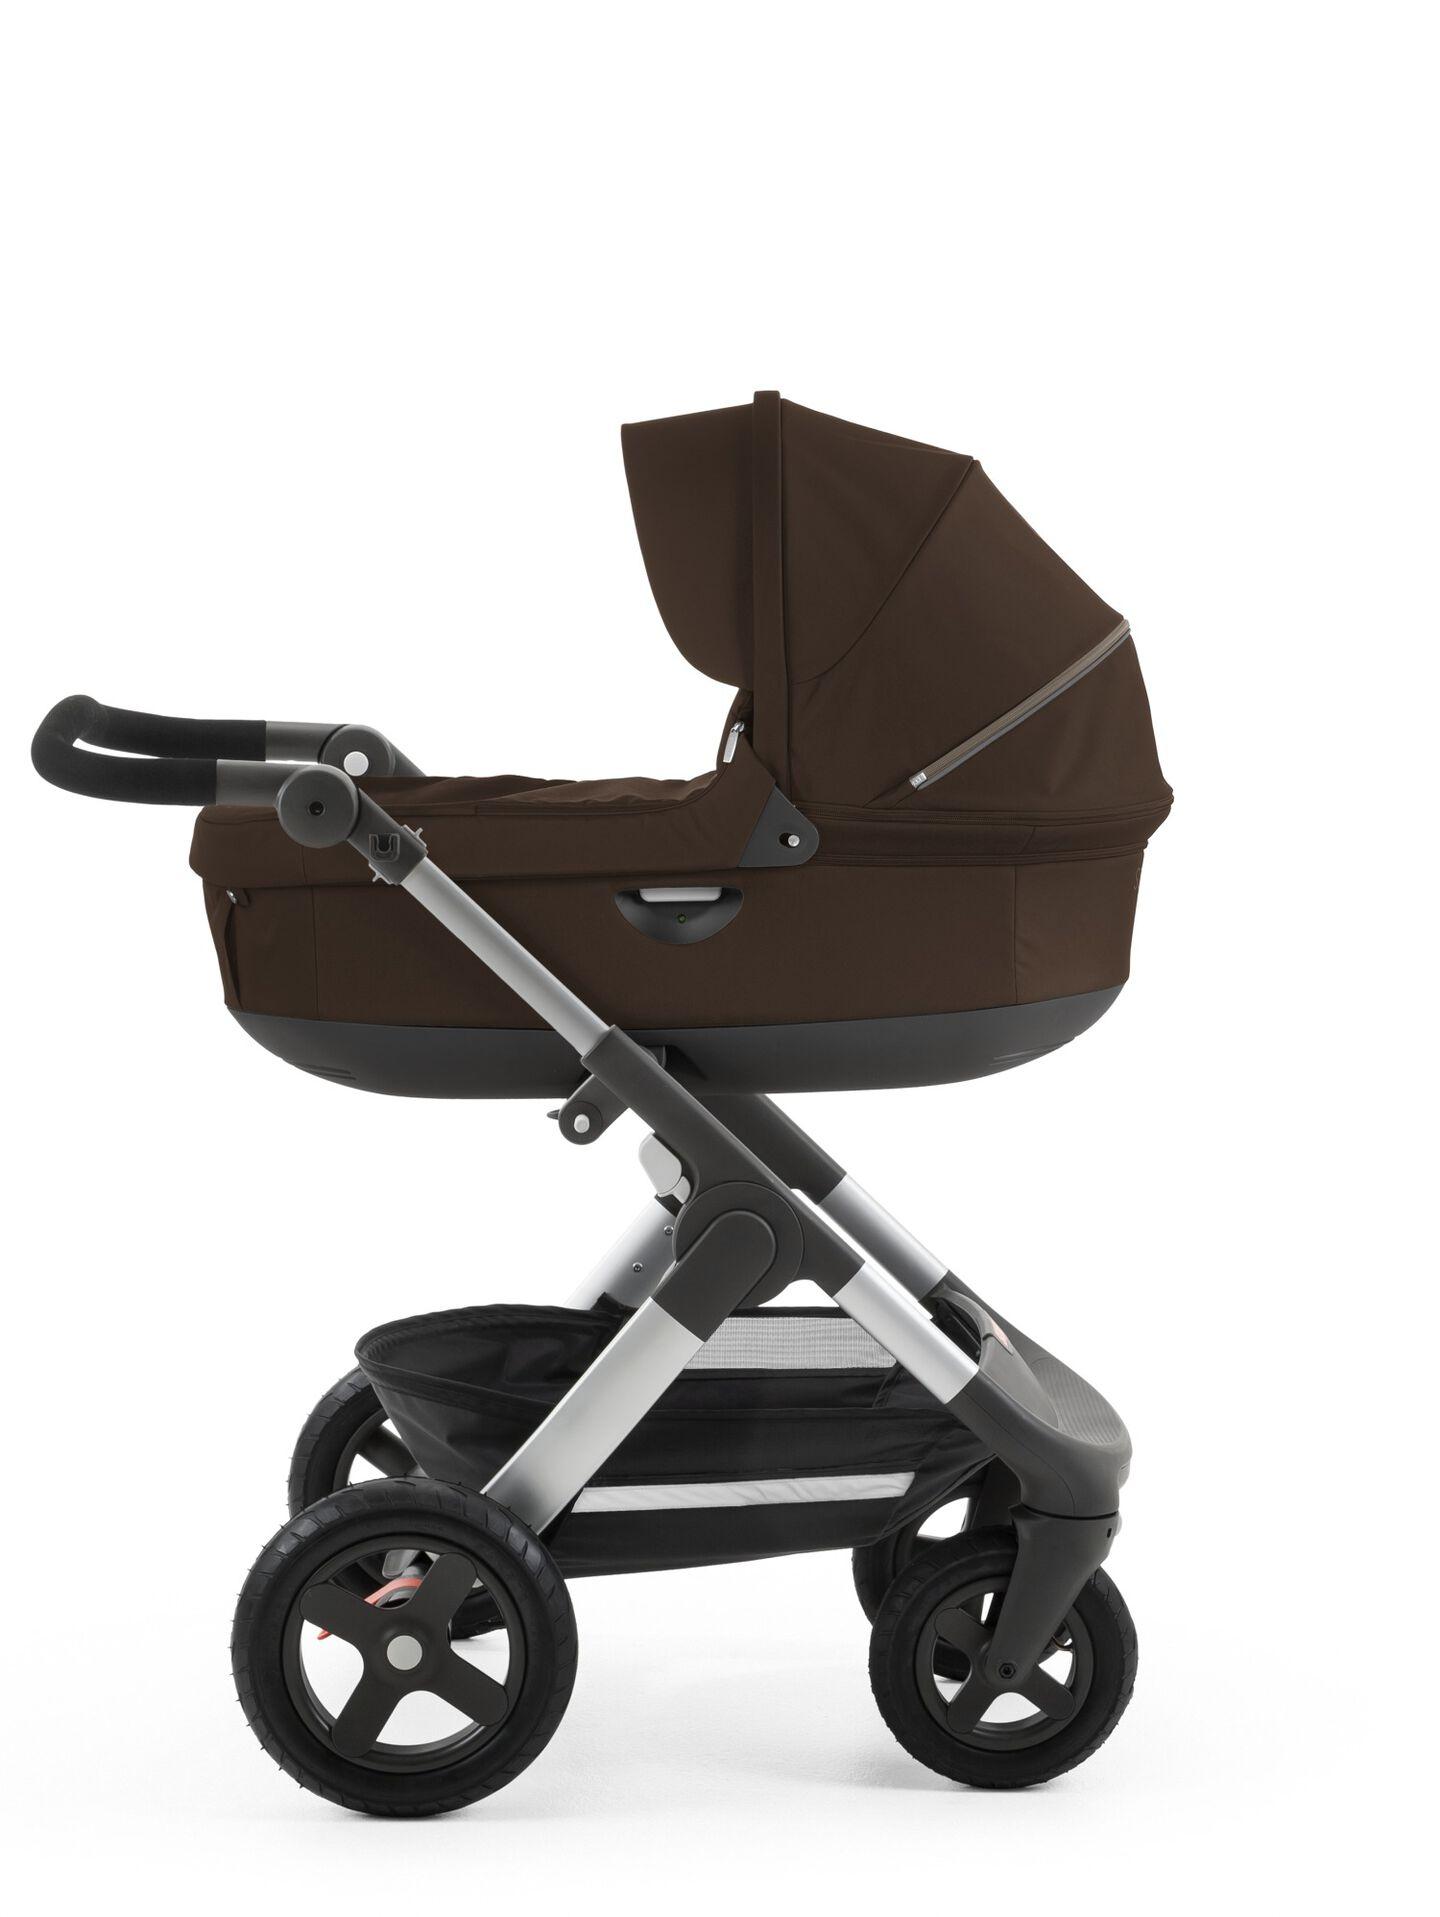 Stokke® Trailz™ Brown, Brown, mainview